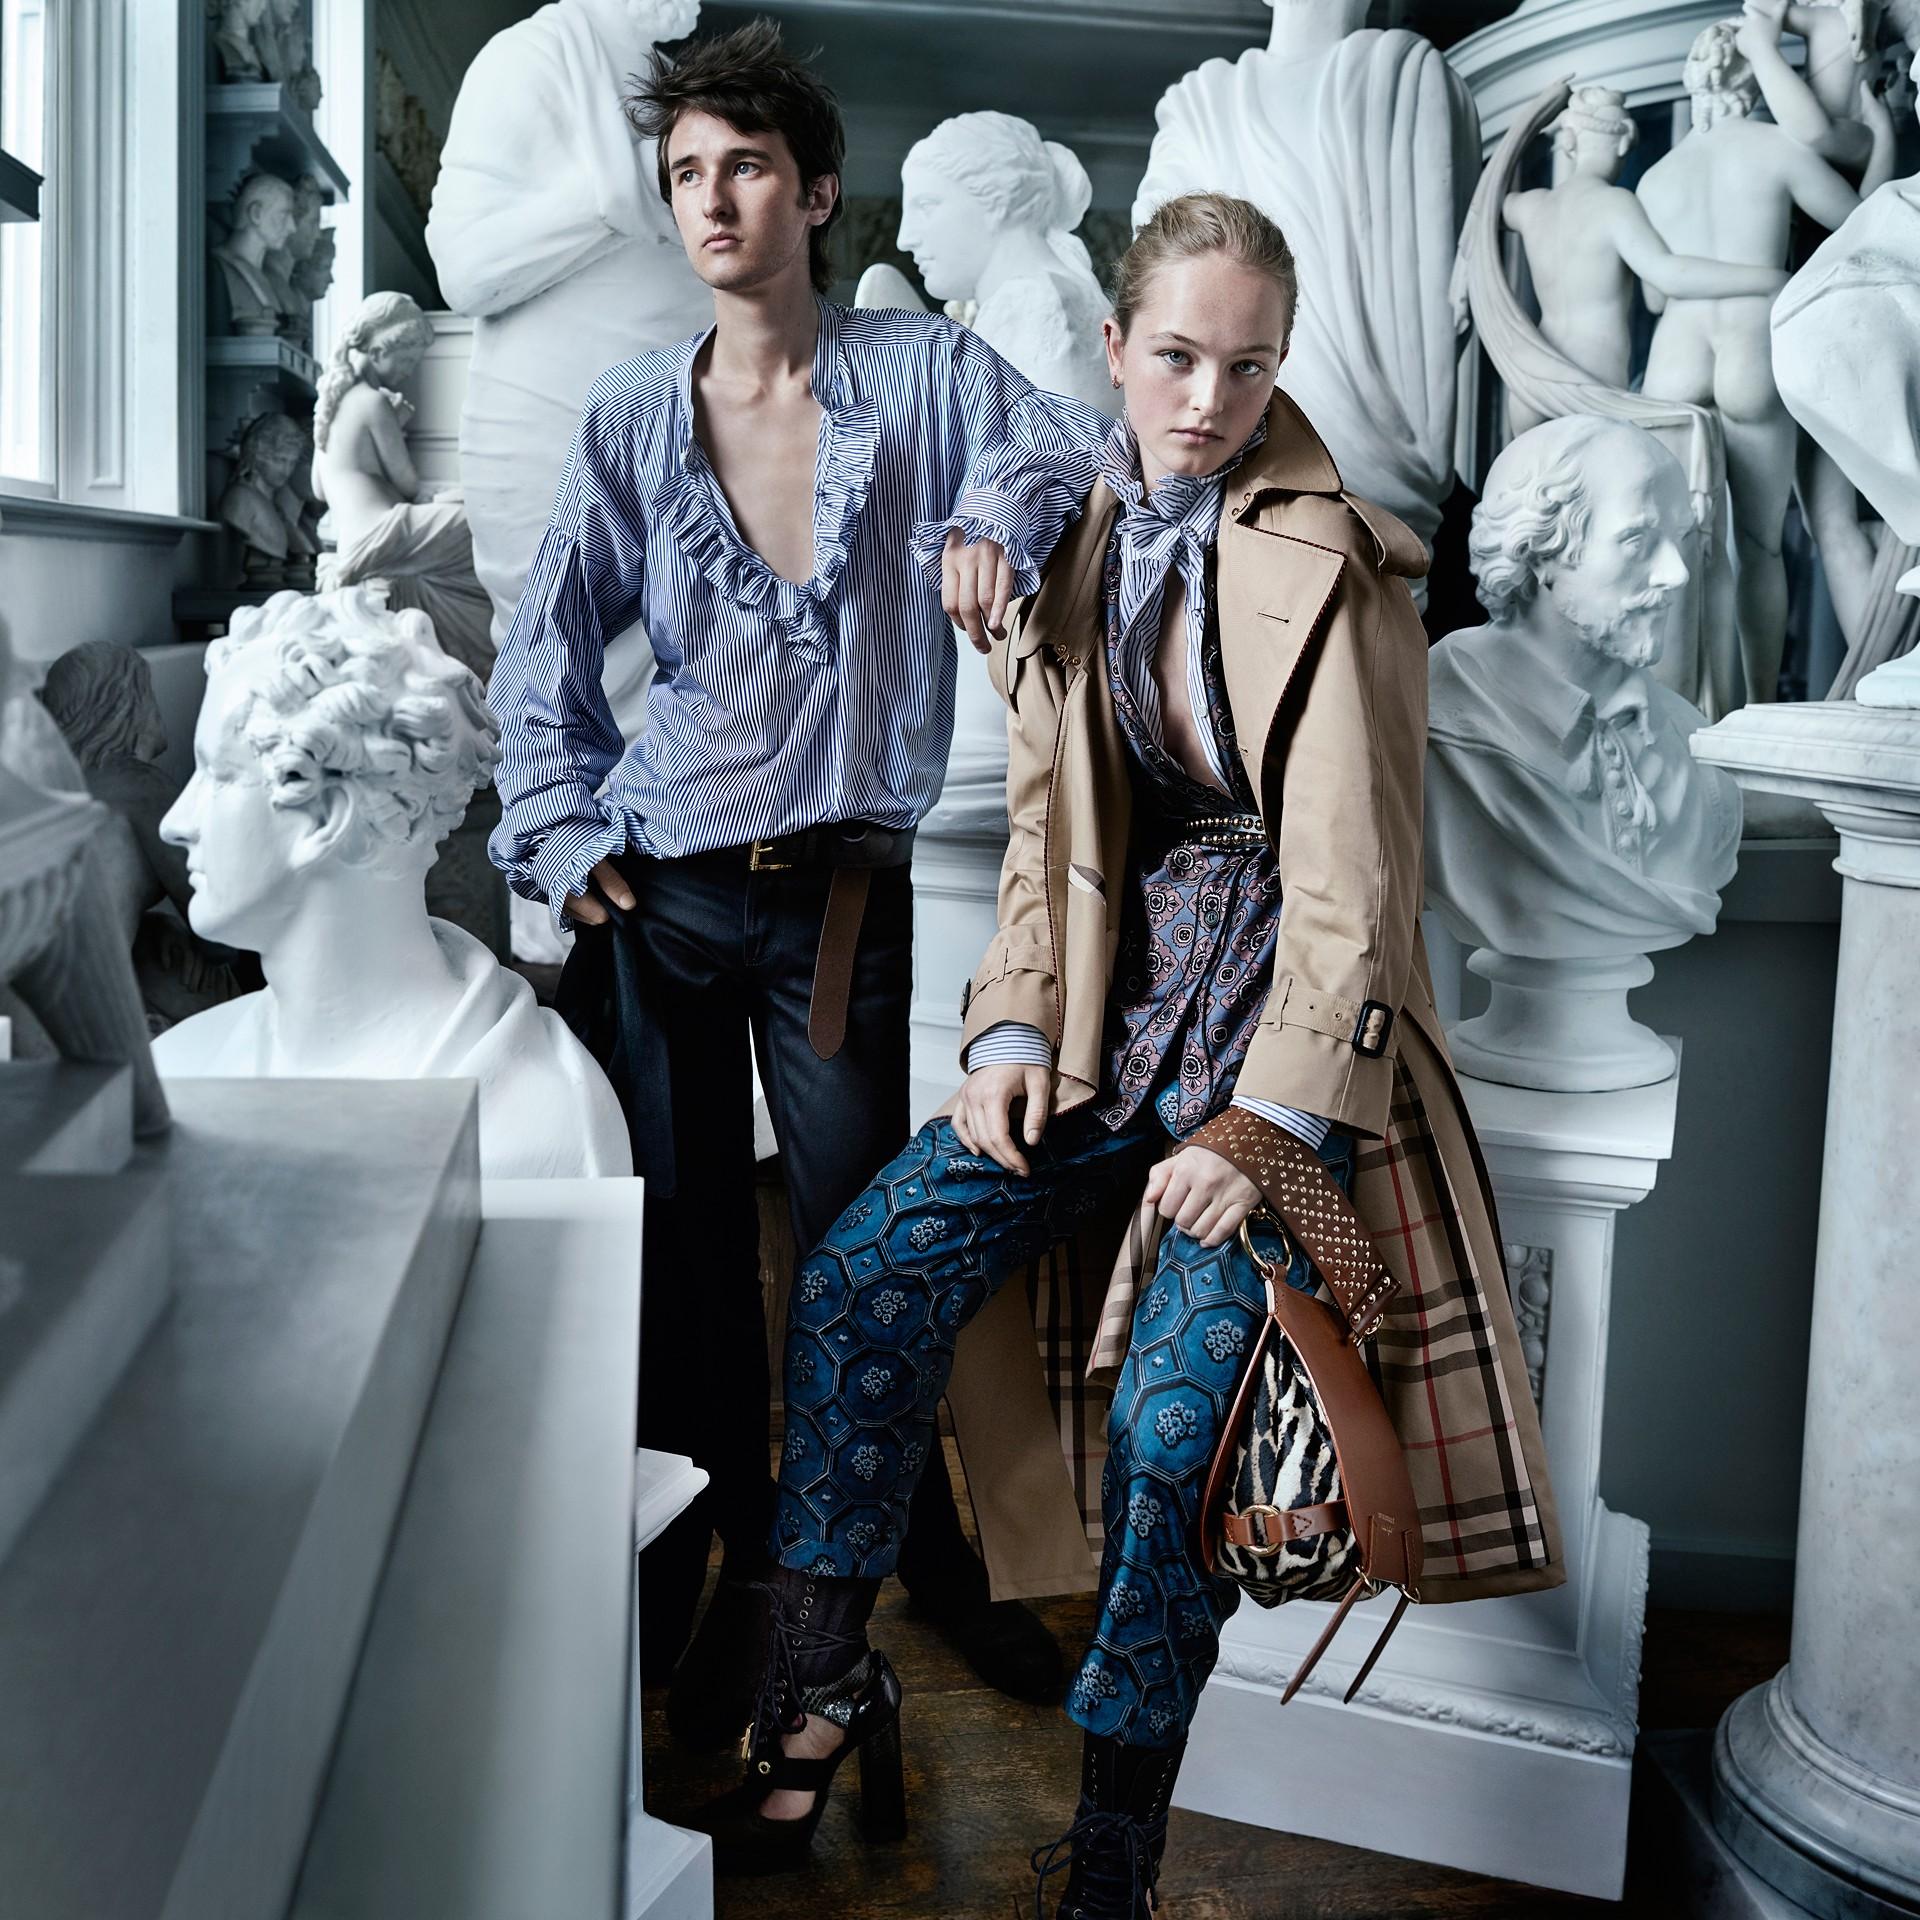 Blu minerale scuro Pantaloni leggermente corti in twill di seta in stile pigiama con stampa geometrica tipo tappezzeria Blu Minerale Scuro - immagine della galleria 7